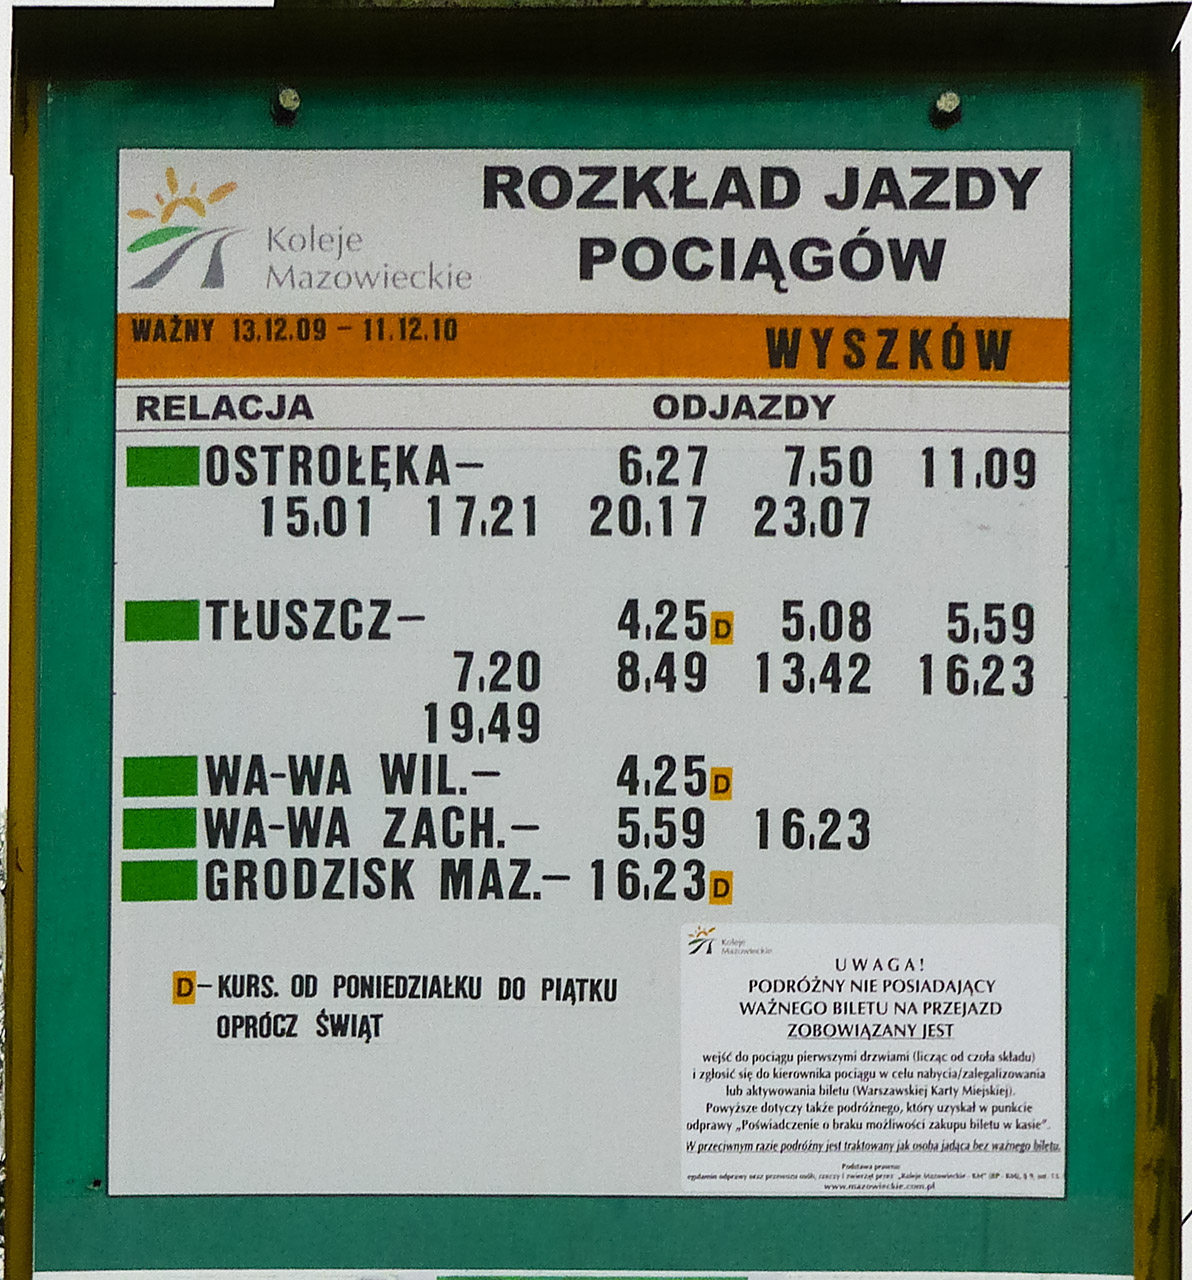 Zdjęcie tablicy stacyjnej z nowym rozkładem jazdy na rok 2010. fot. Sebastian Gomółka, 7.12.2009